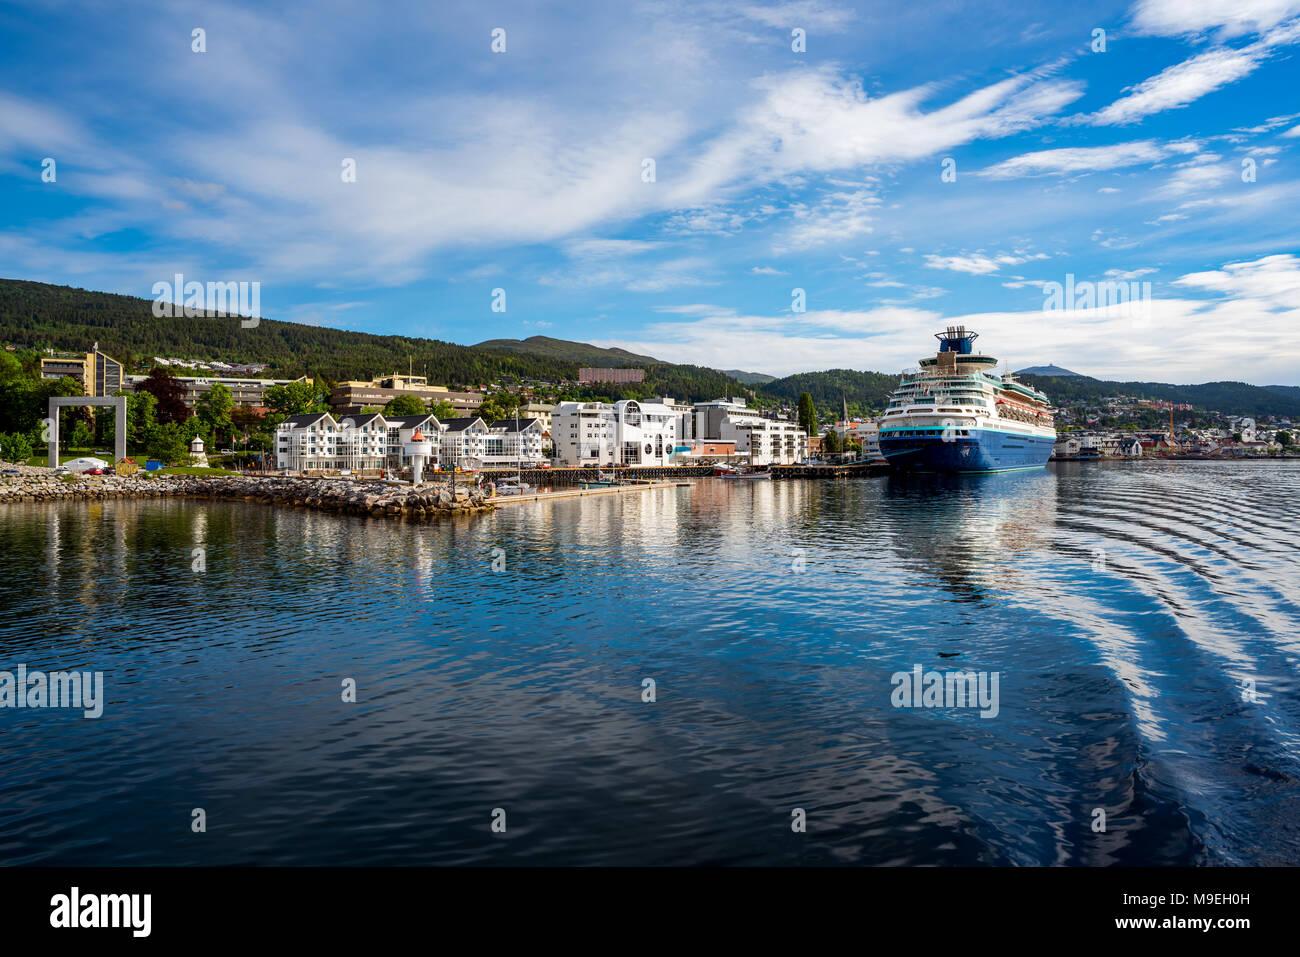 Molde dans Romsdal, la Norvège. Molde a un climat tempéré, maritime, l'eau froide ou des étés chauds, et des hivers relativement doux. La ville est surnommée la T Photo Stock